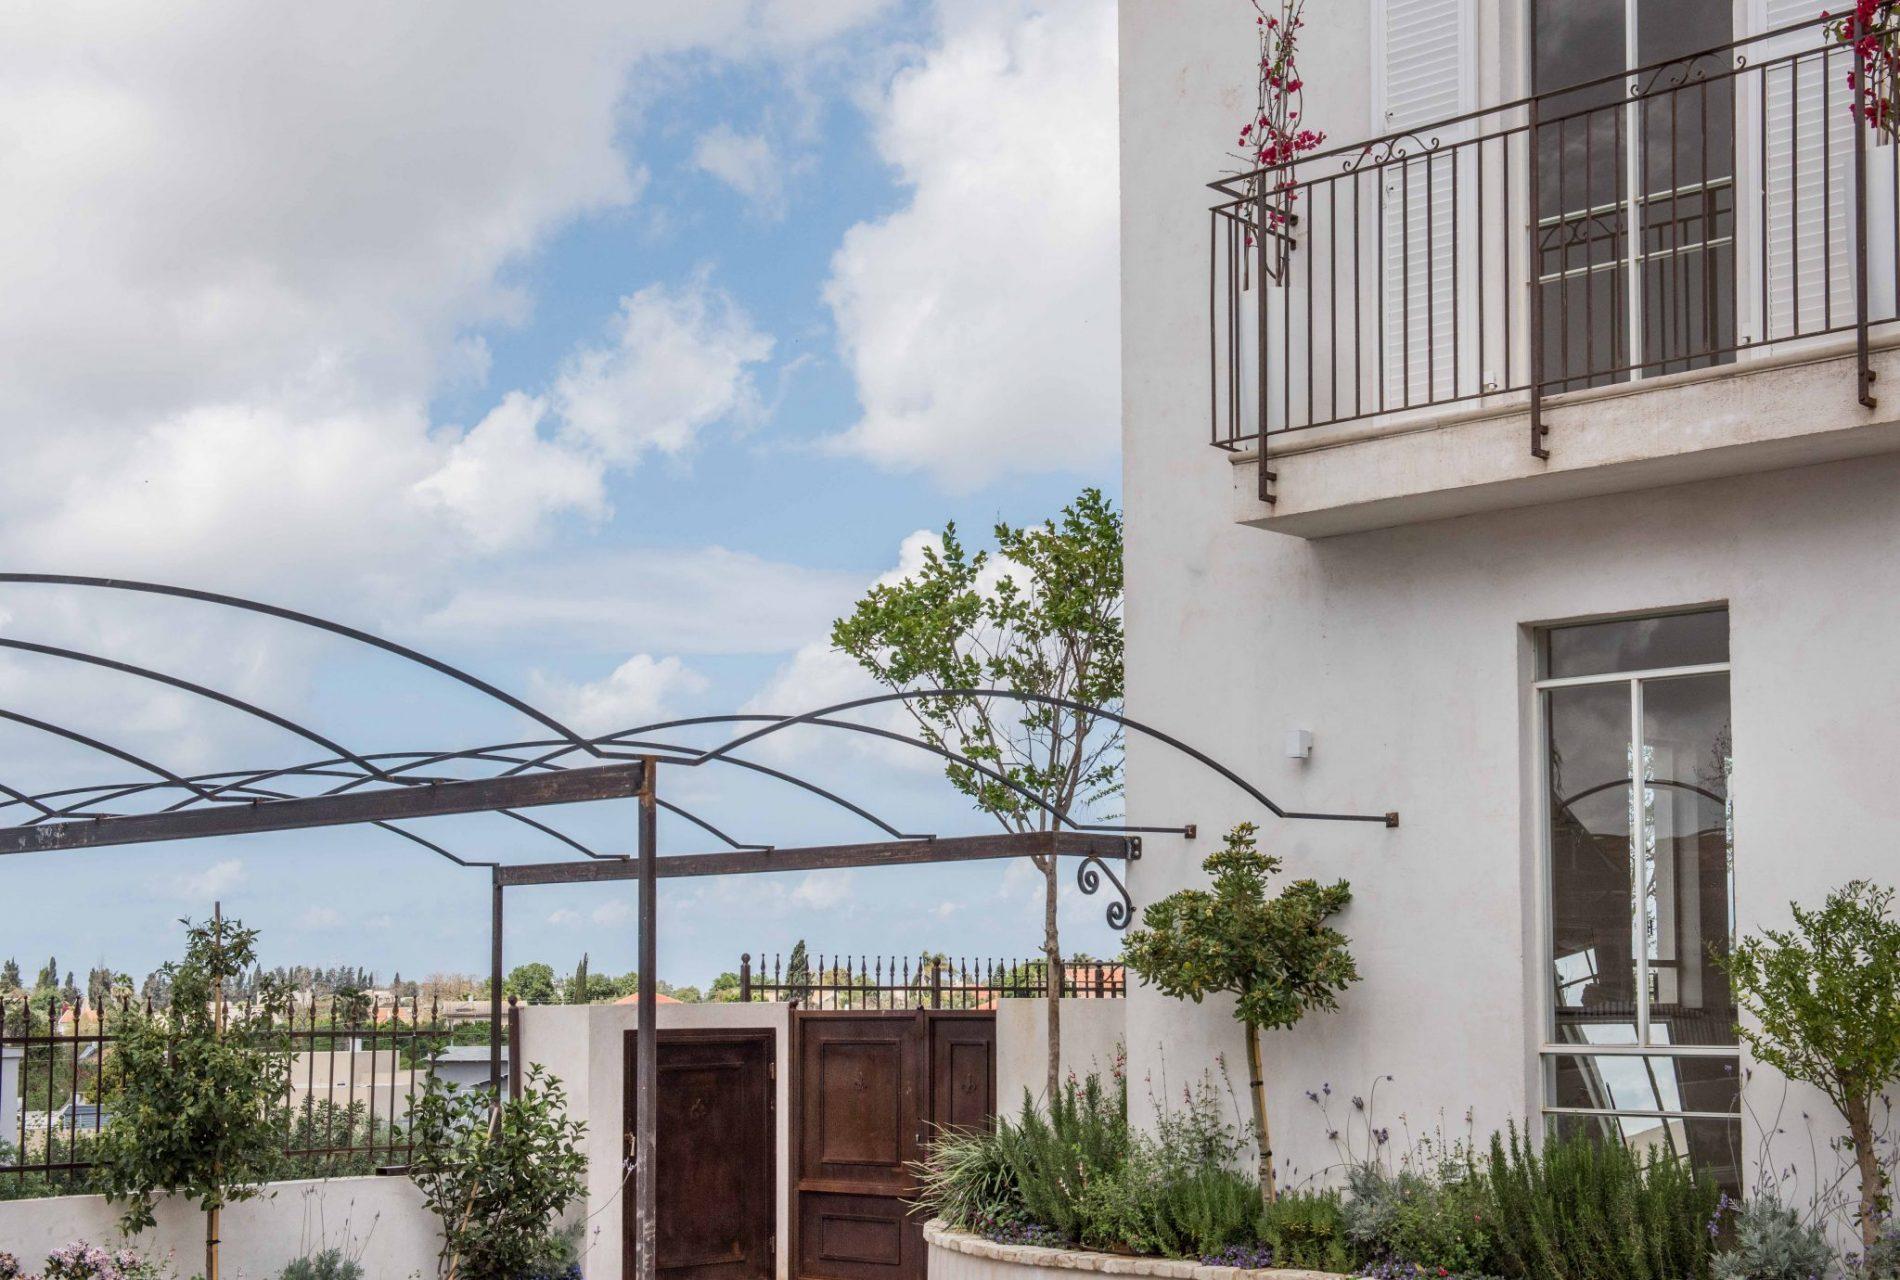 חלון פרופיל בלגי, פרגולה לחניה, שערים ומעקה ברזל למרפסת